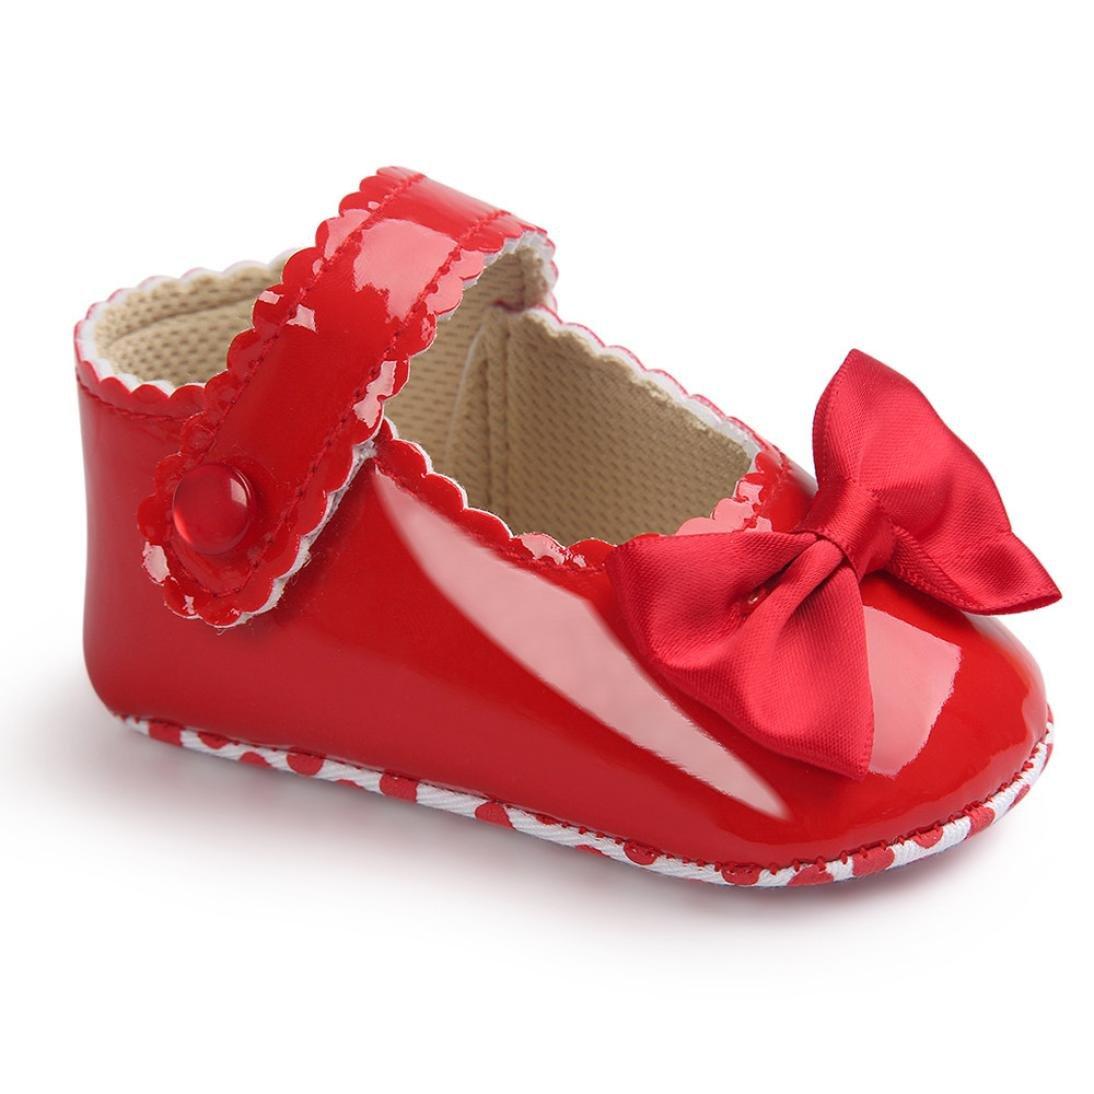 12515b2e00e776 Chaussures premiers pas DAY8 Chaussure Bébé Fille Princesse Chaussure Bébé  Fille Premier Pas Bapteme Bowknot Fashion Chaussures Bébé Garçon ...